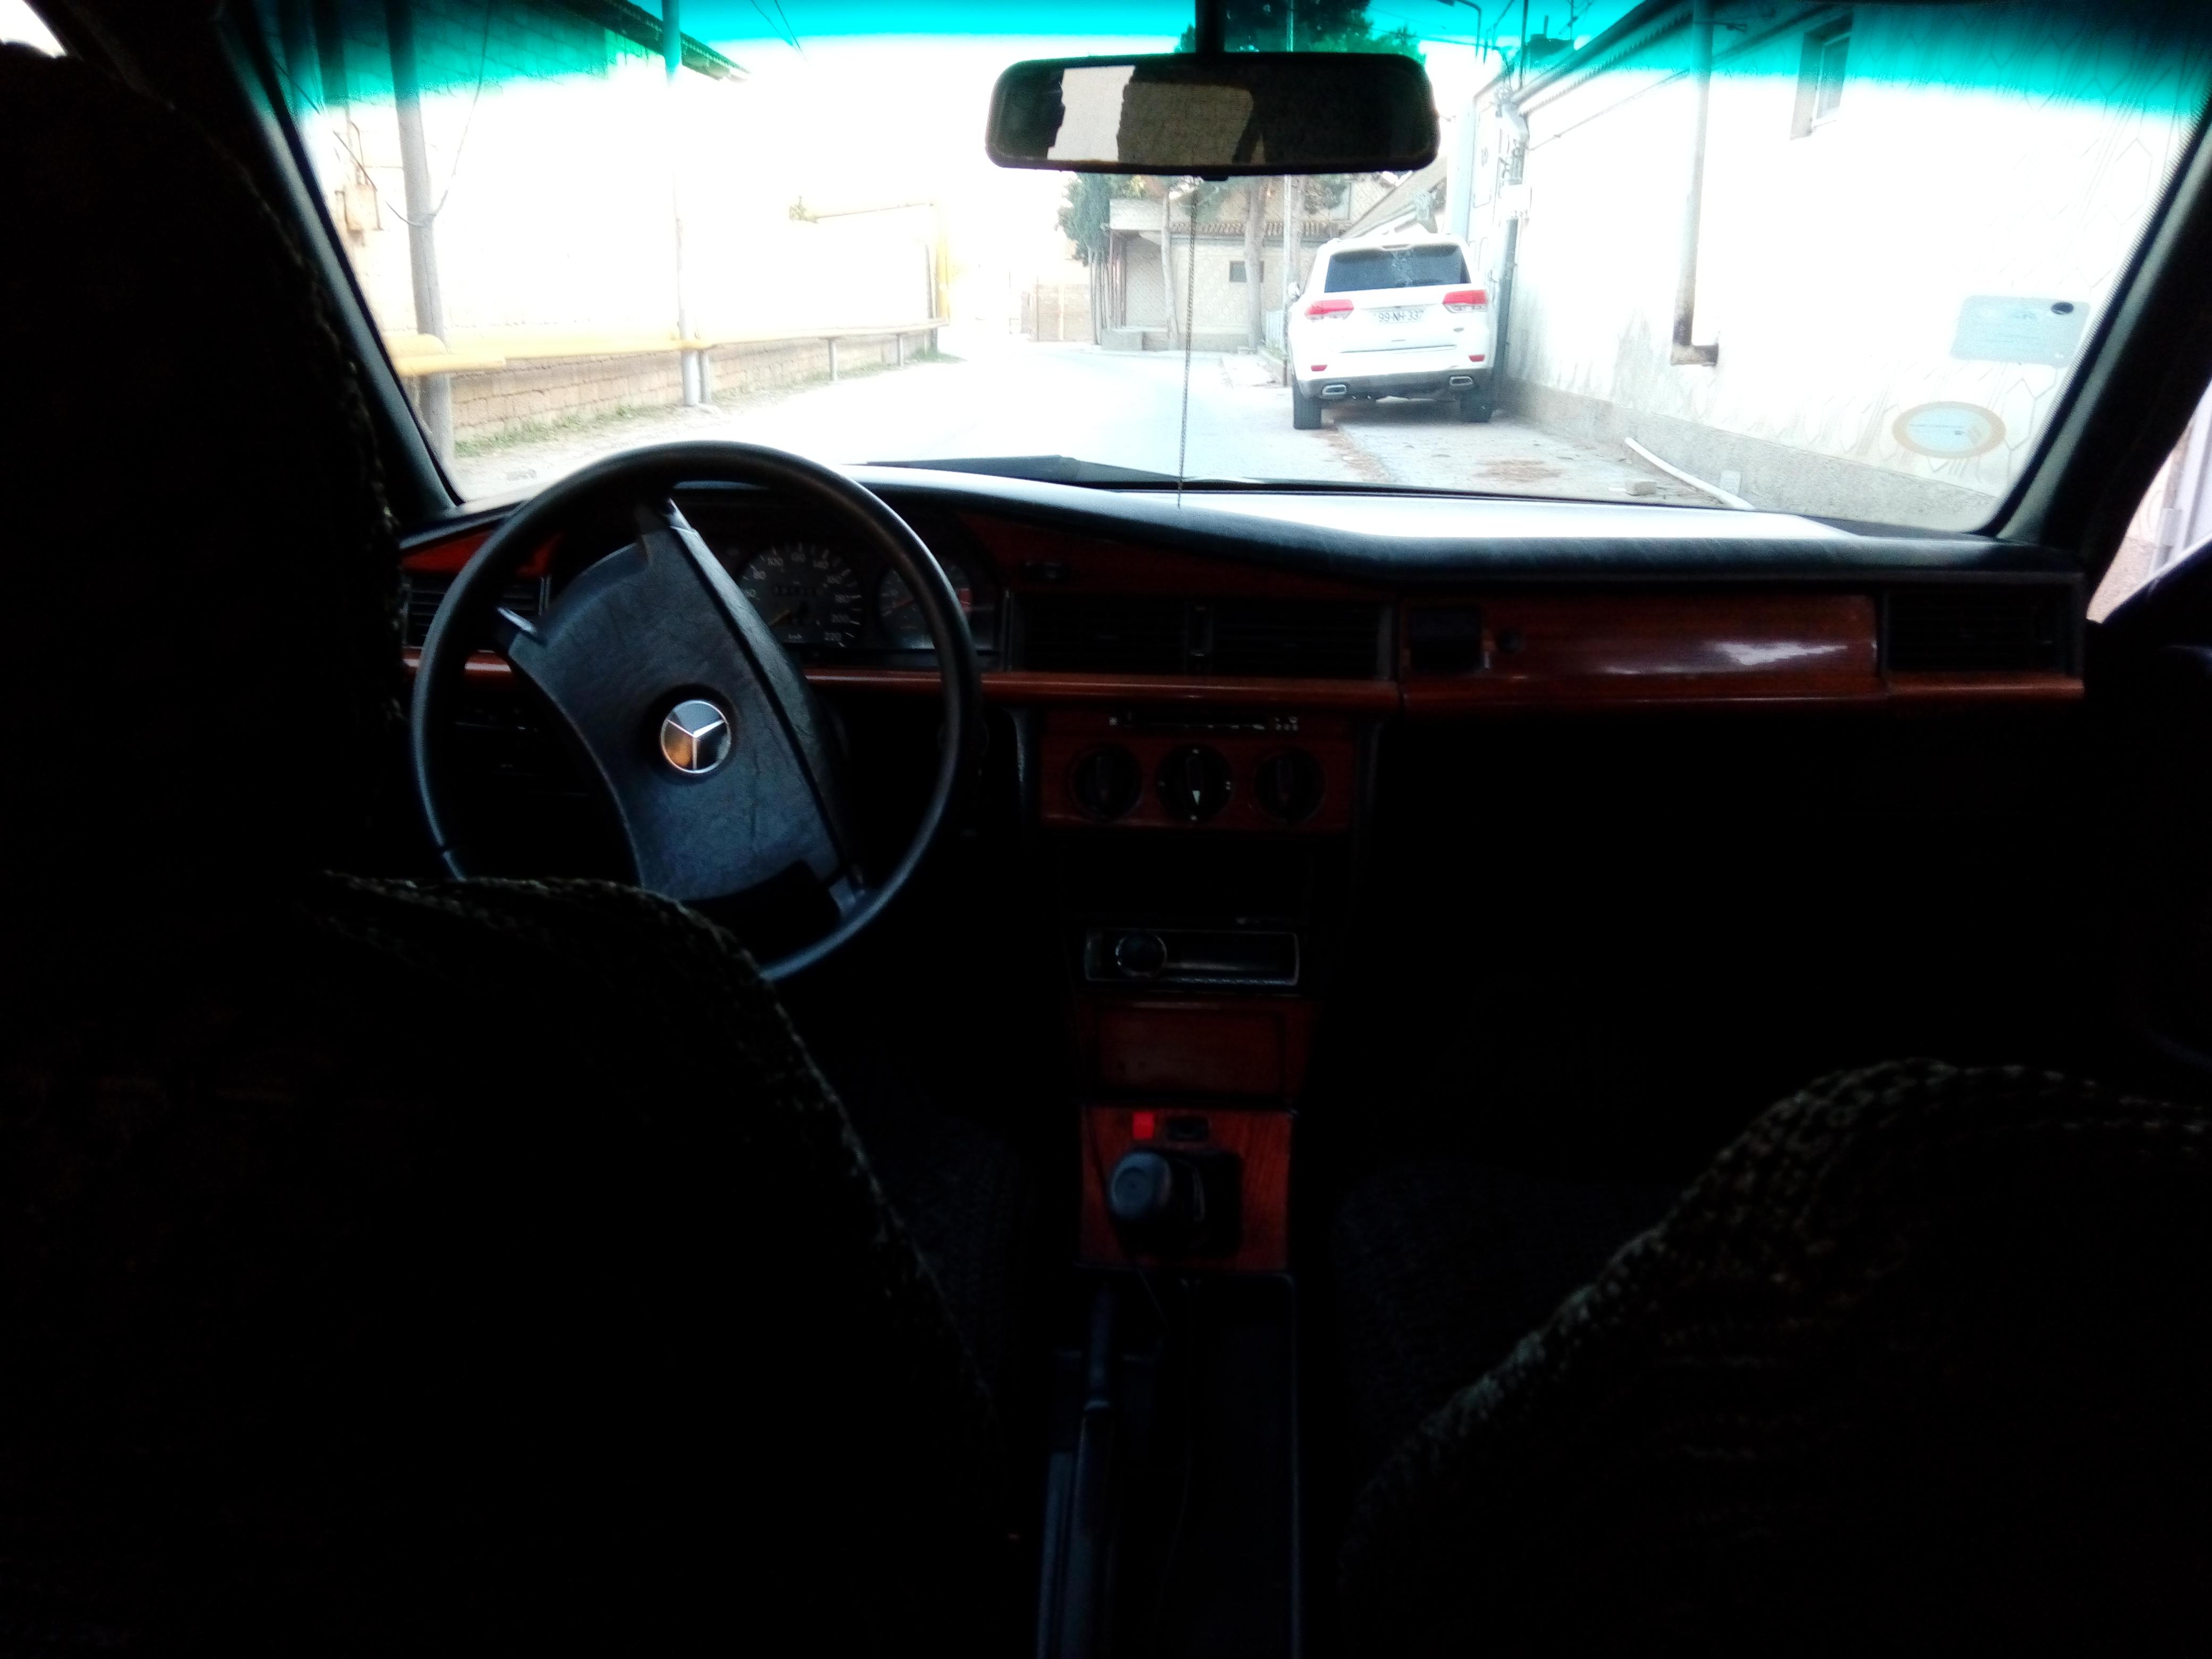 Mercedes-Benz 190 2.0(lt) 1991 Подержанный  $4900